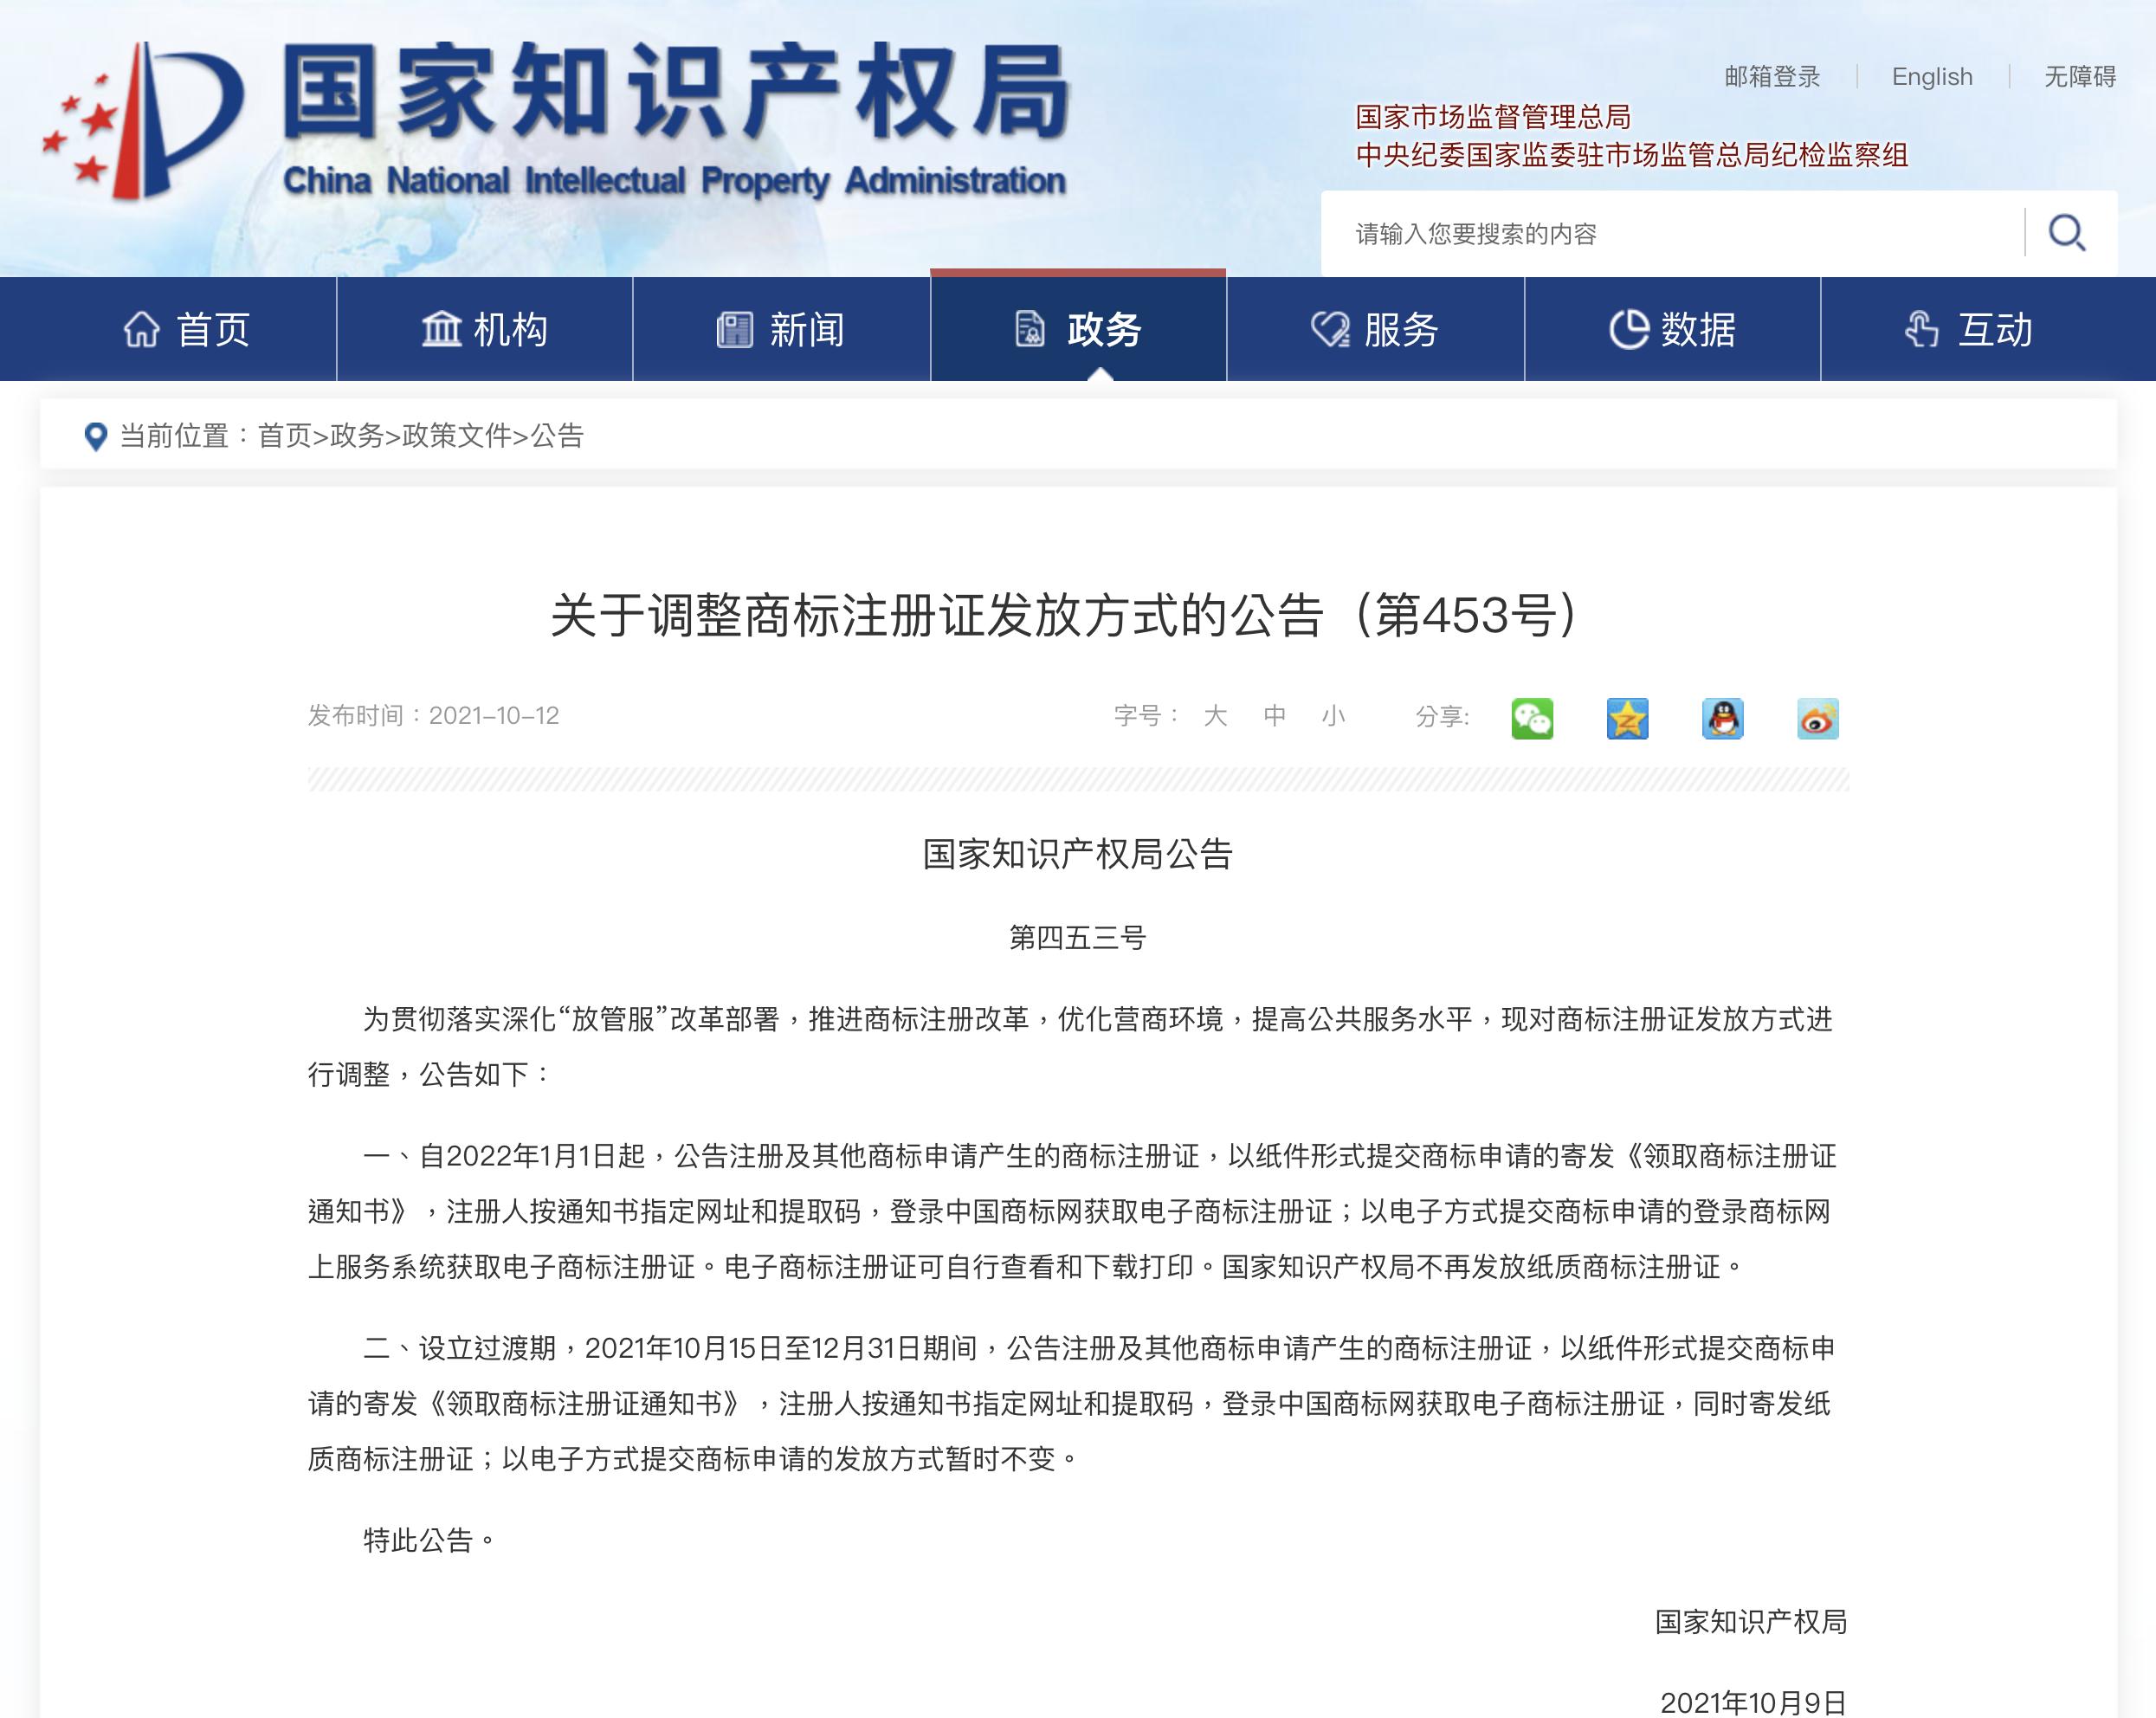 中國大陸商標證書電子化時代來臨 ──2022年起將不再發放紙本商標註冊證書®️